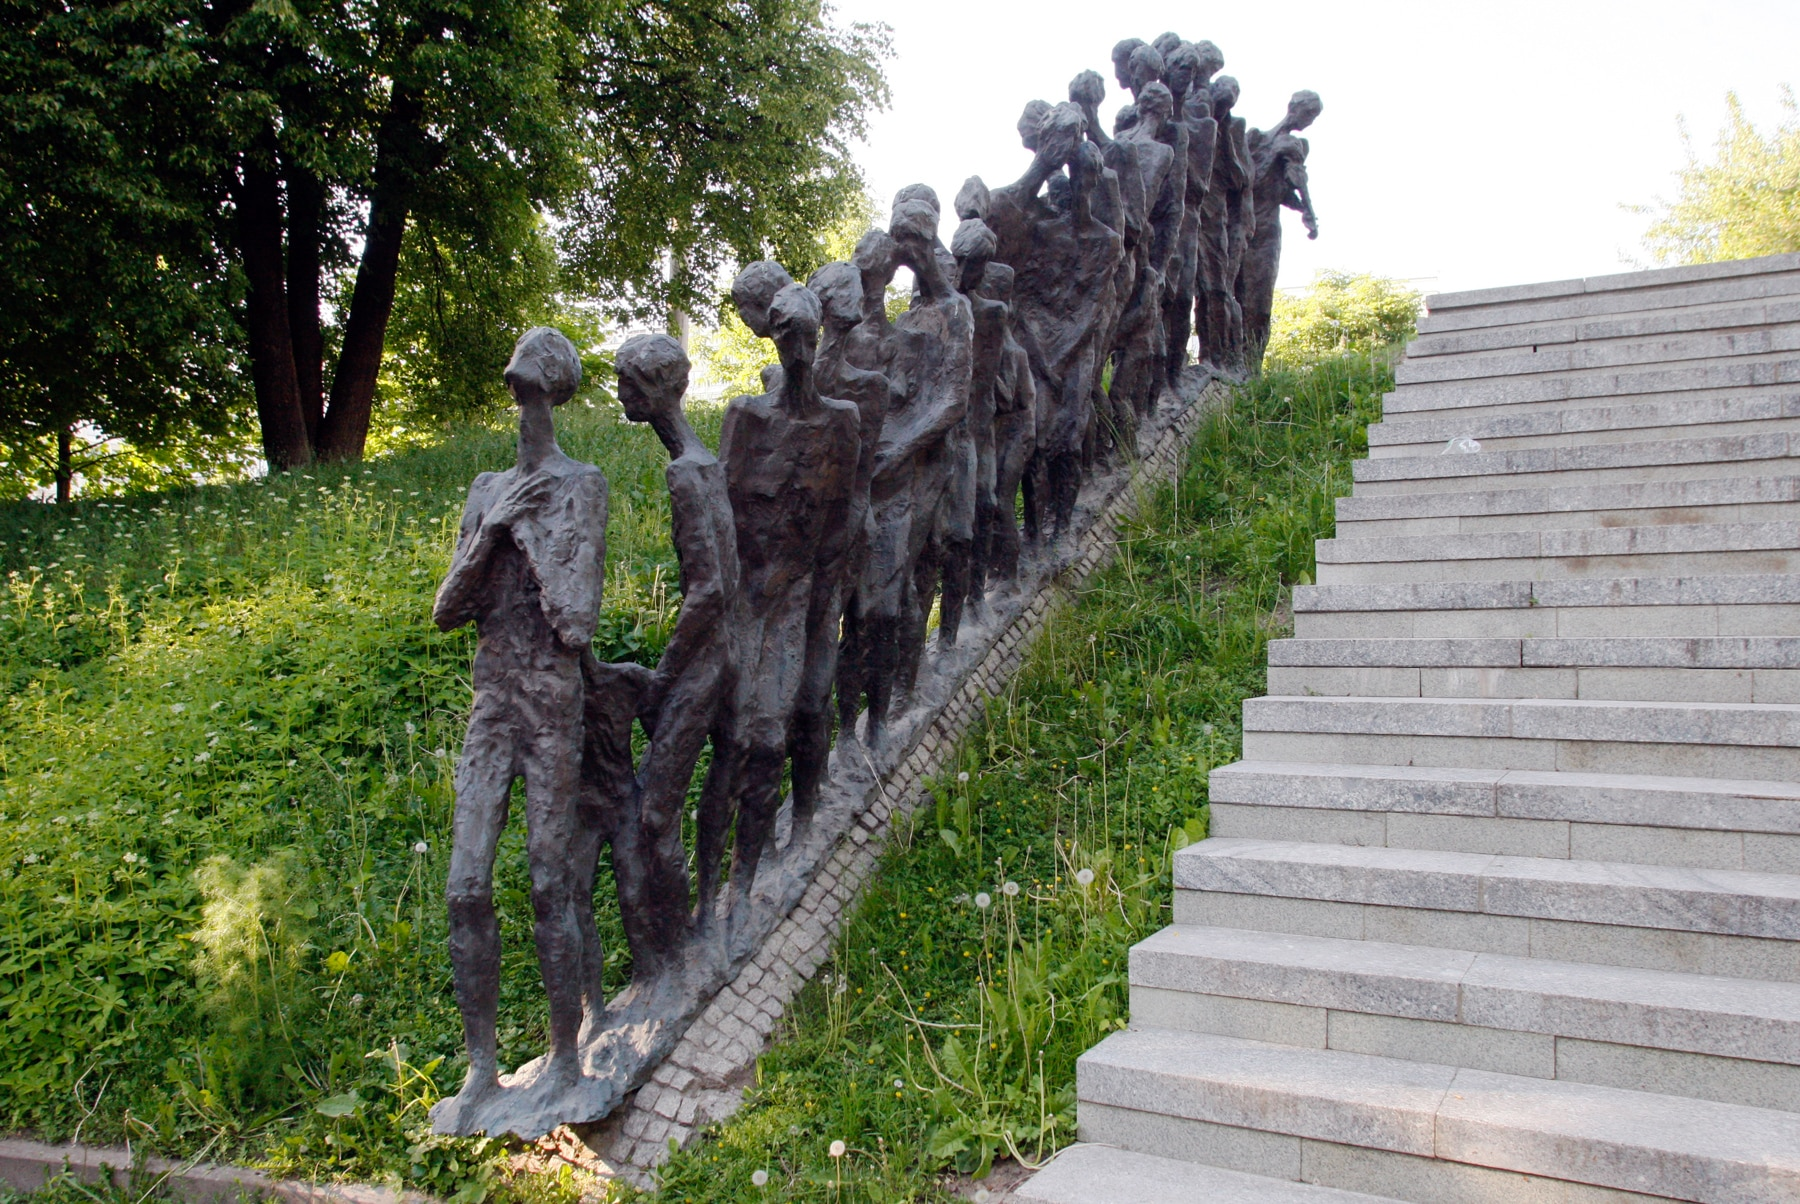 Sculpture de figures squelettiques descendant une colline à côté d'un escalier en pierre (© Linda D. Epstein/MCT via Getty Images)